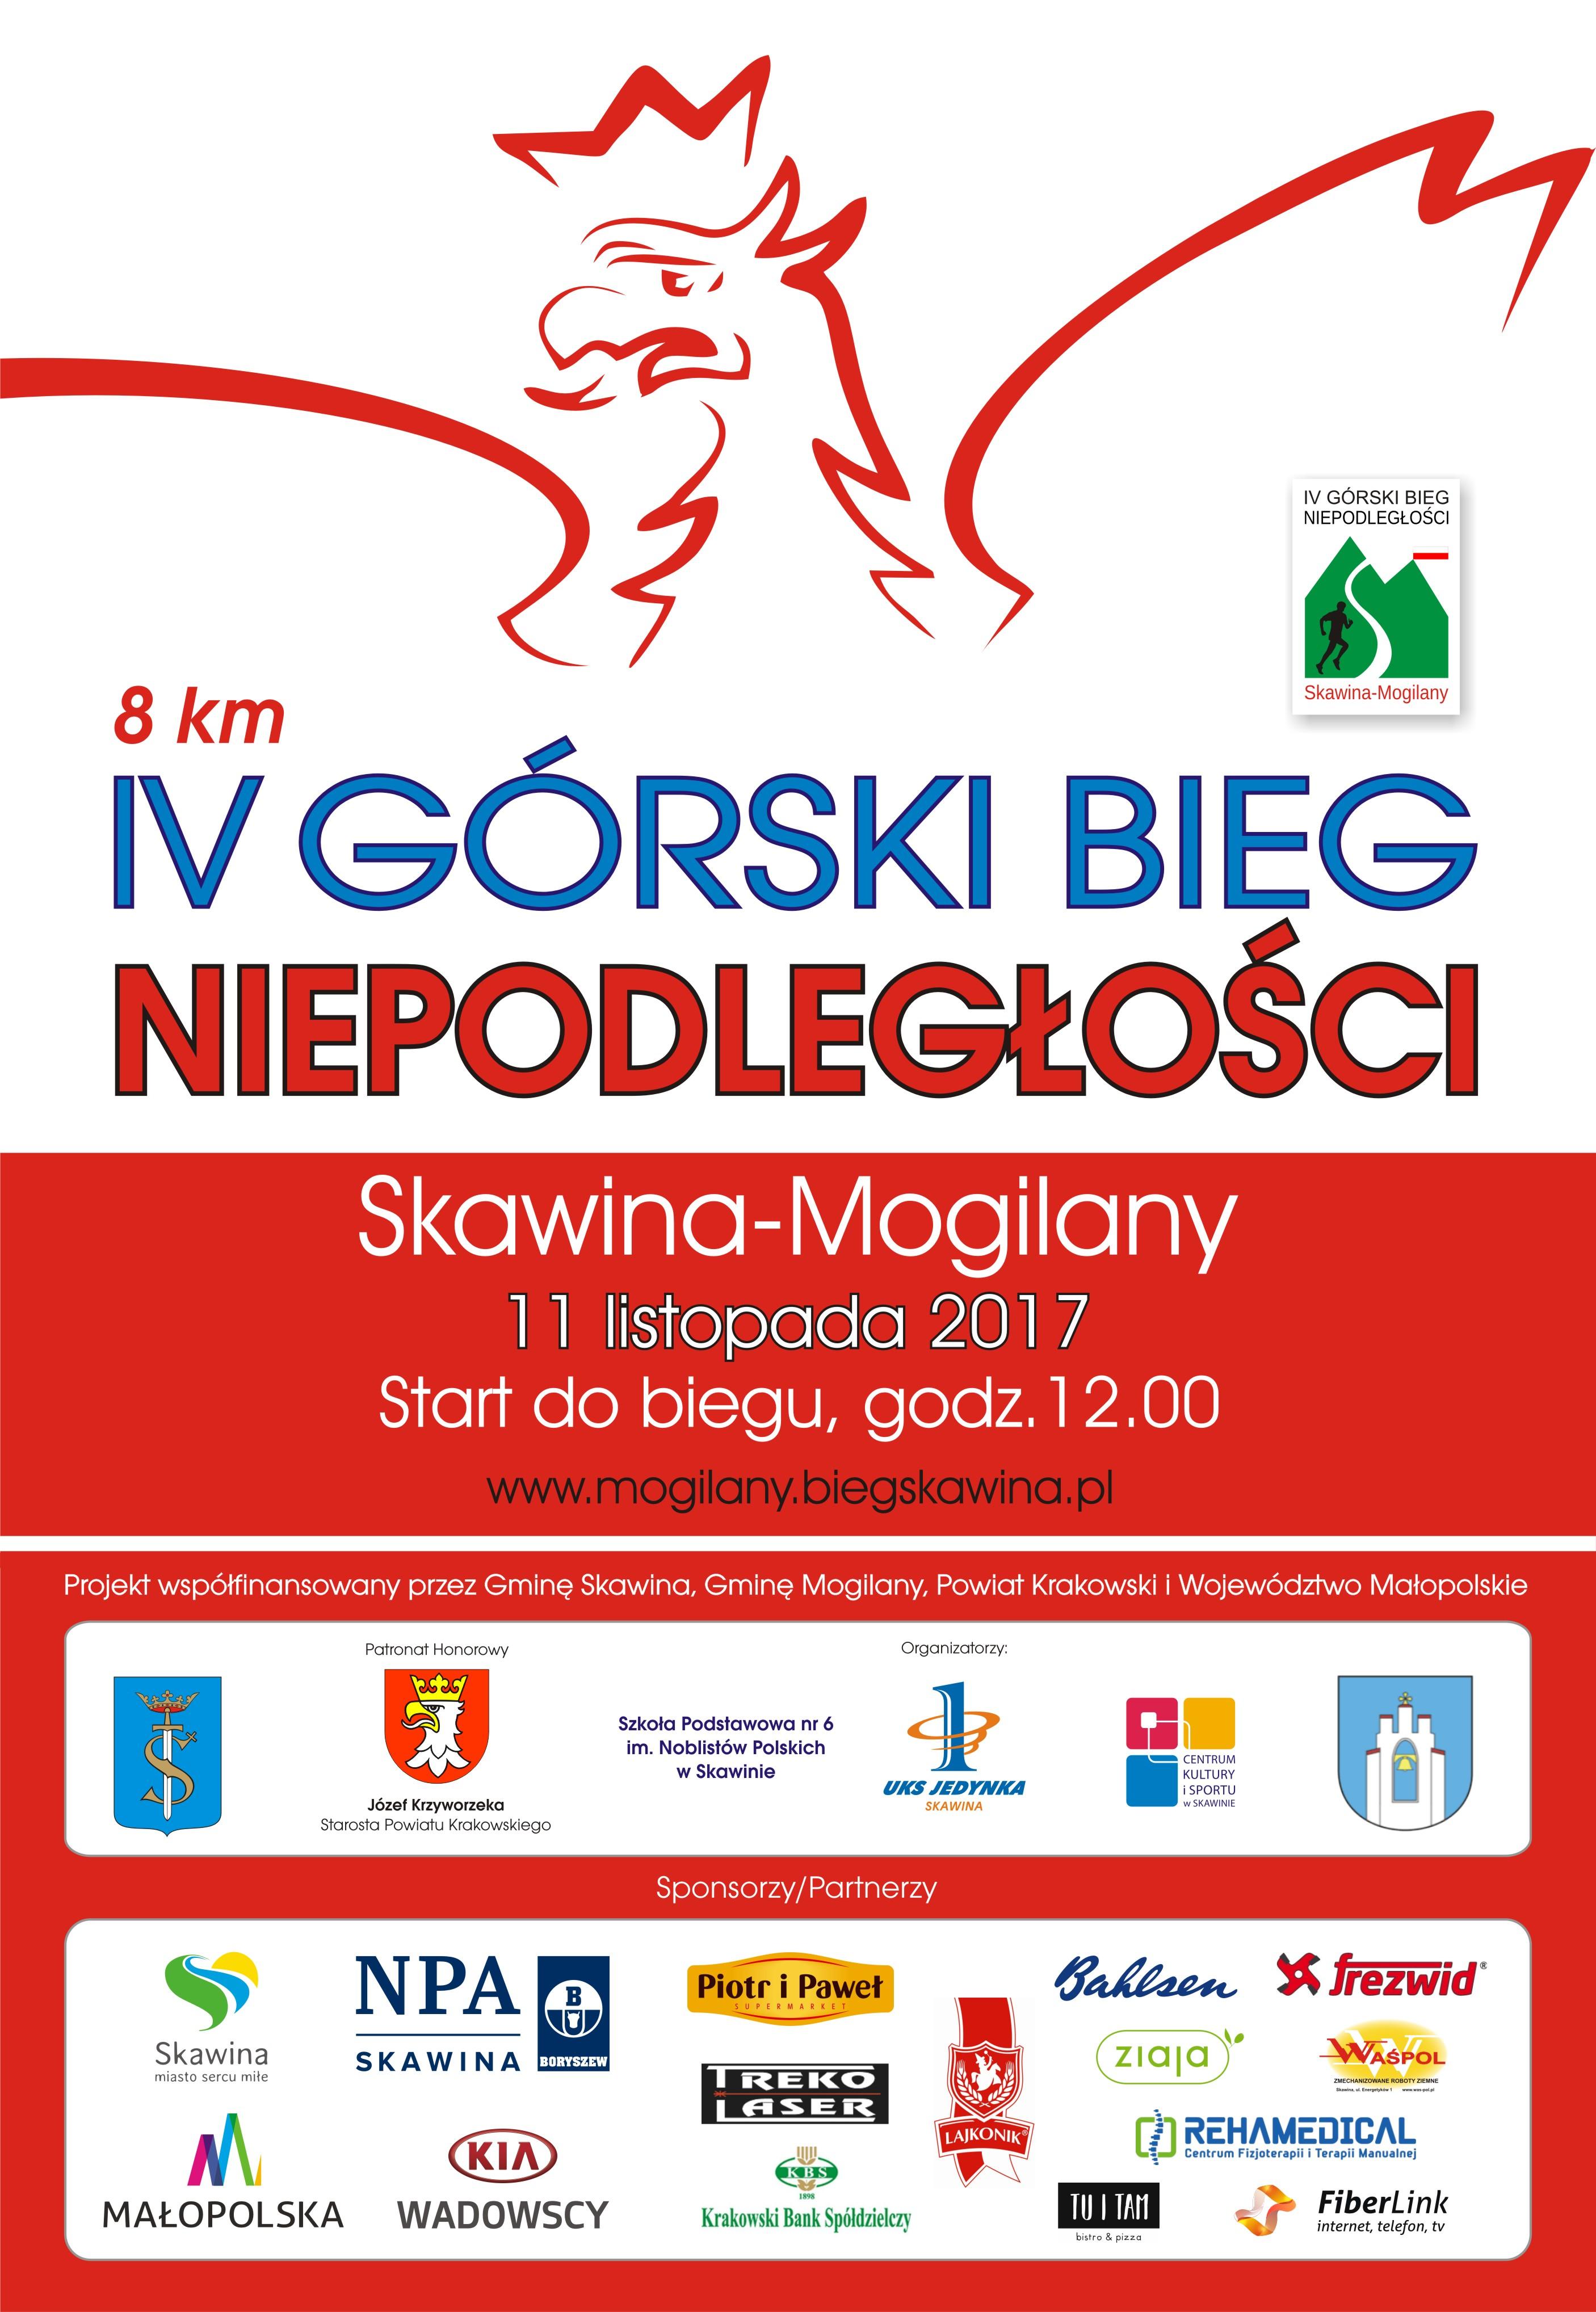 IV Górski Bieg Niepodległości @ Skawina - Mogilany | Skawina | małopolskie | Polska